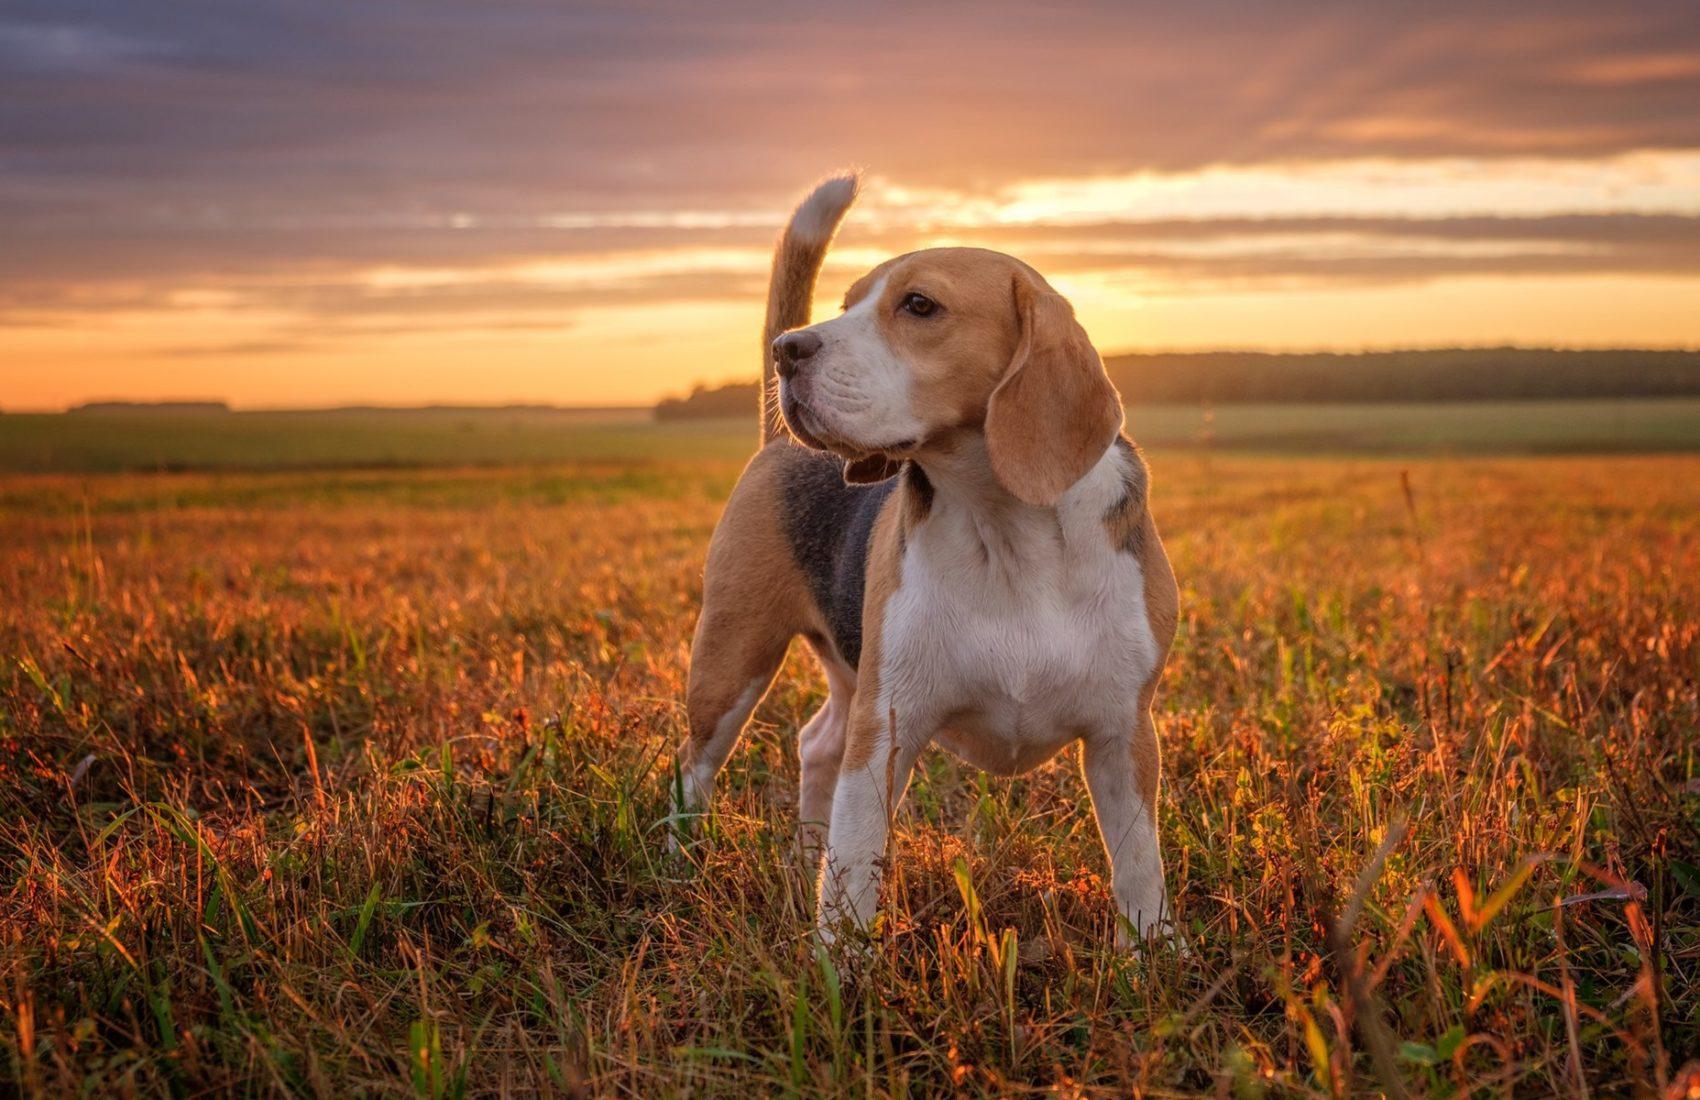 Beagle-dog-grass-sunset_1920x1200